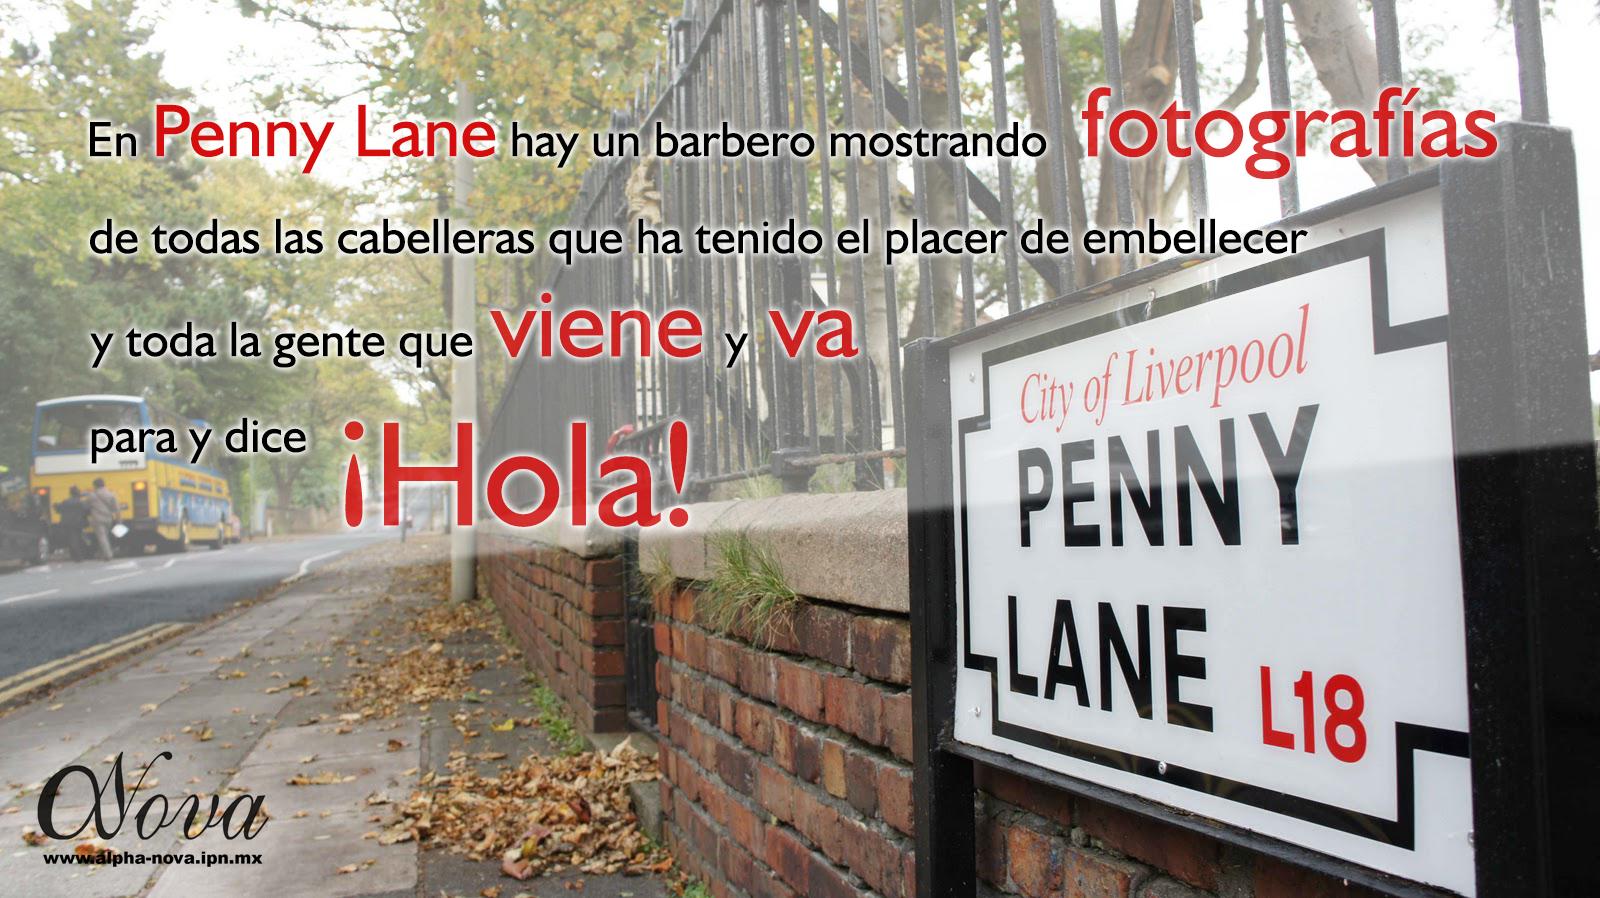 Penny Lane. EKHOS Británicos I. Febrero 26, 2015. Temporada EKHOS.